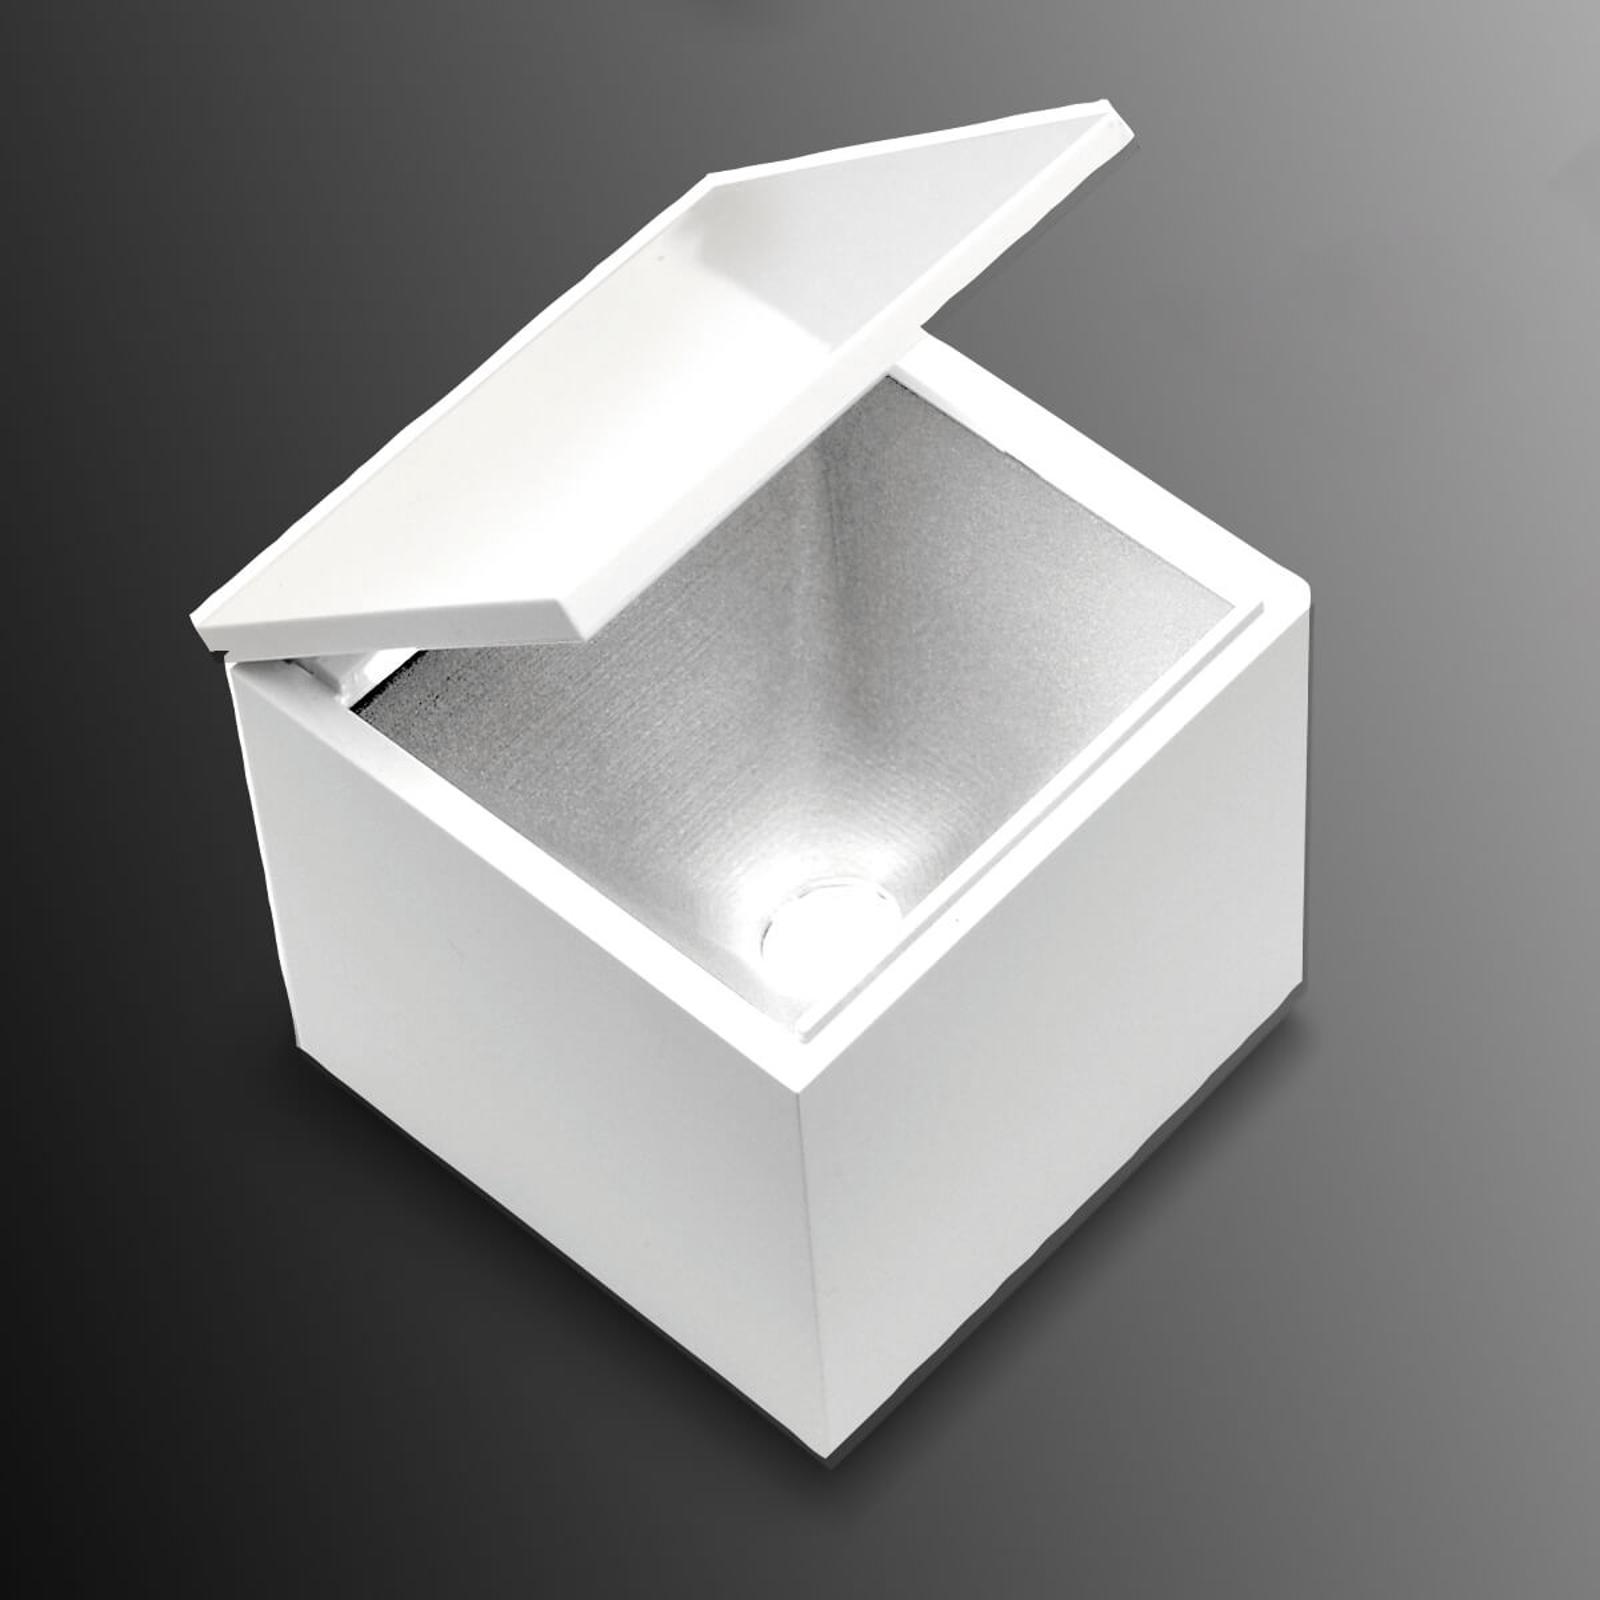 Kubisk LED-bordslampa Cuboled i vitt